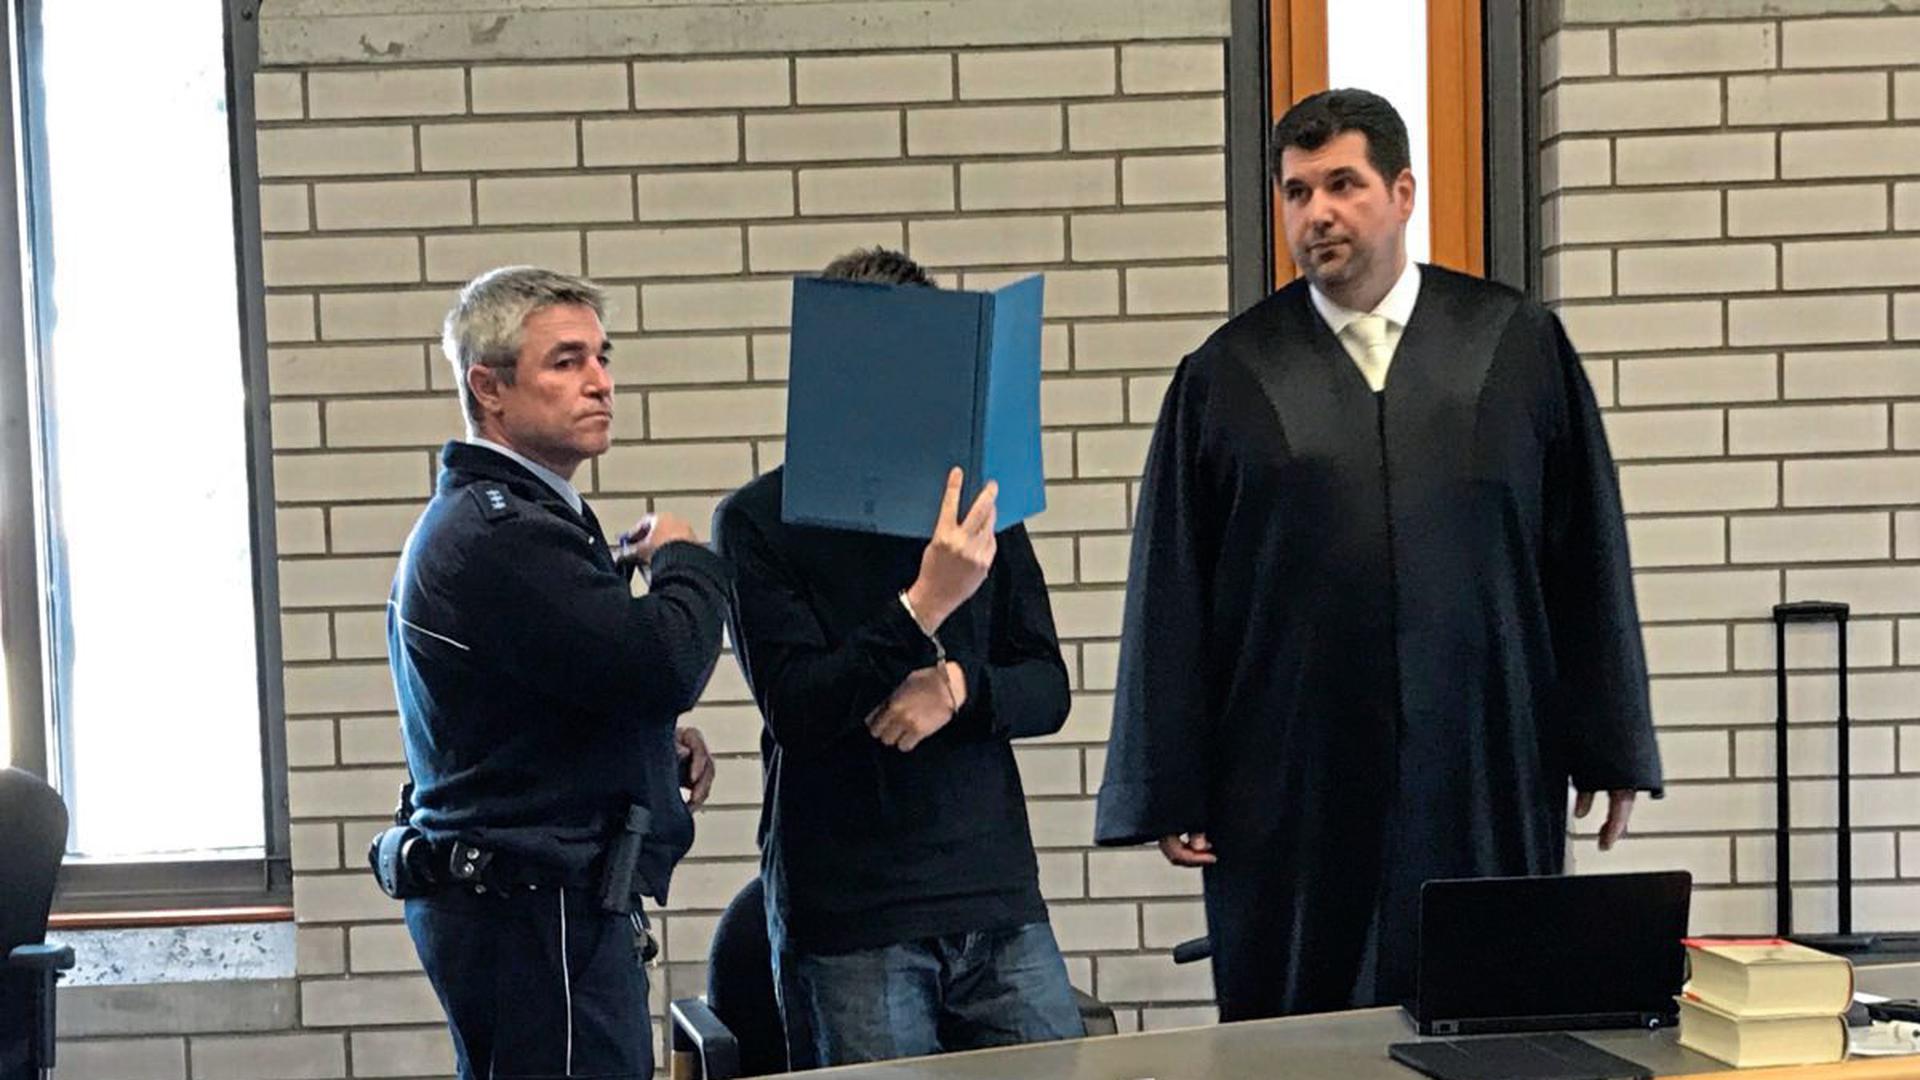 Unter großem Publikumsinteresse hat am Montag vor dem Landgericht in Baden-Baden der Mordprozess gegen einen 24-Jährigen begonnen. Er soll in Bühlertal seine Ex-Freundin ermordet haben.